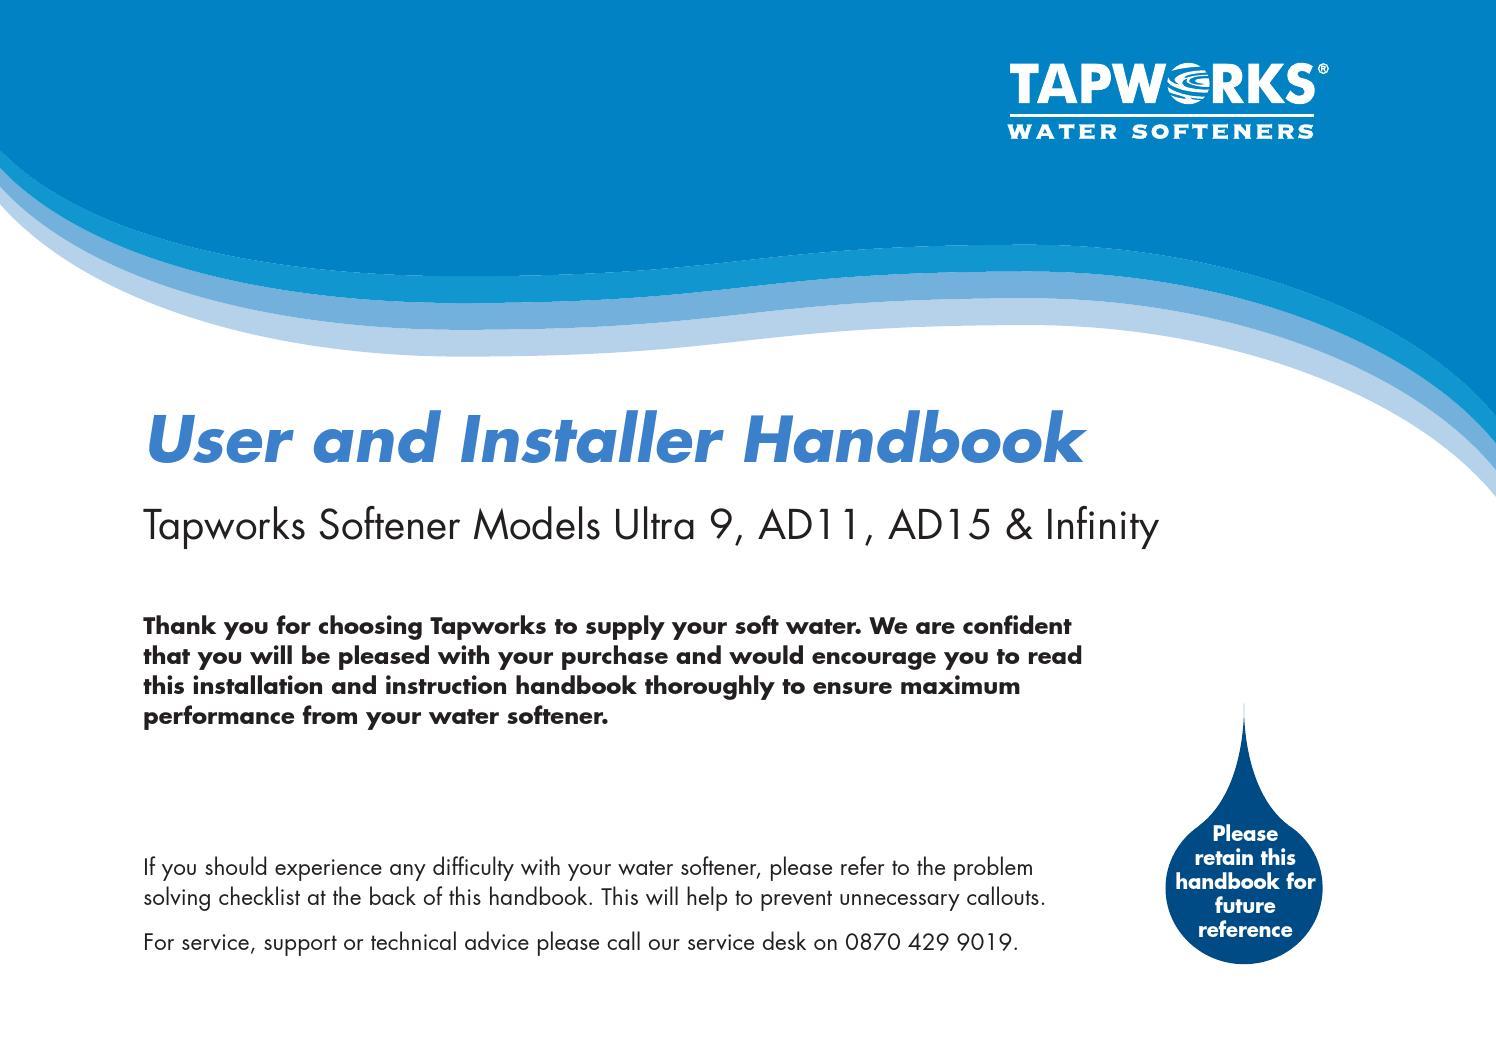 tapworks water softener user manual